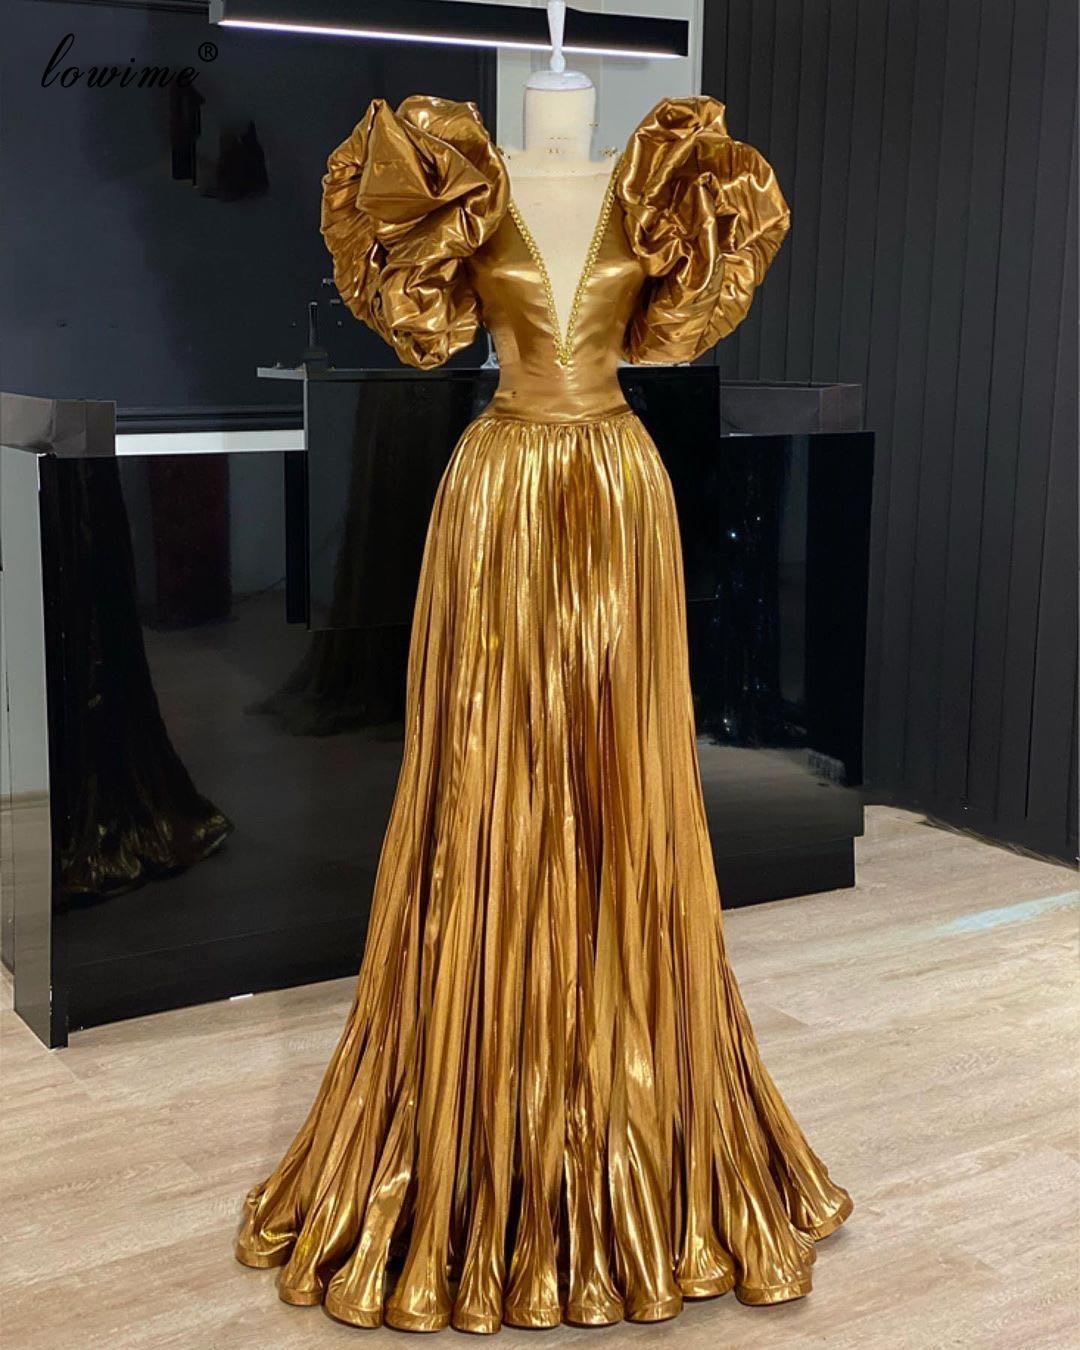 Robe Femme Gold Arabisch Prom Kleider Lange Dubai Vestidos De Fiesta Spezielle Design Abendkleider Frau Party Nacht Couture